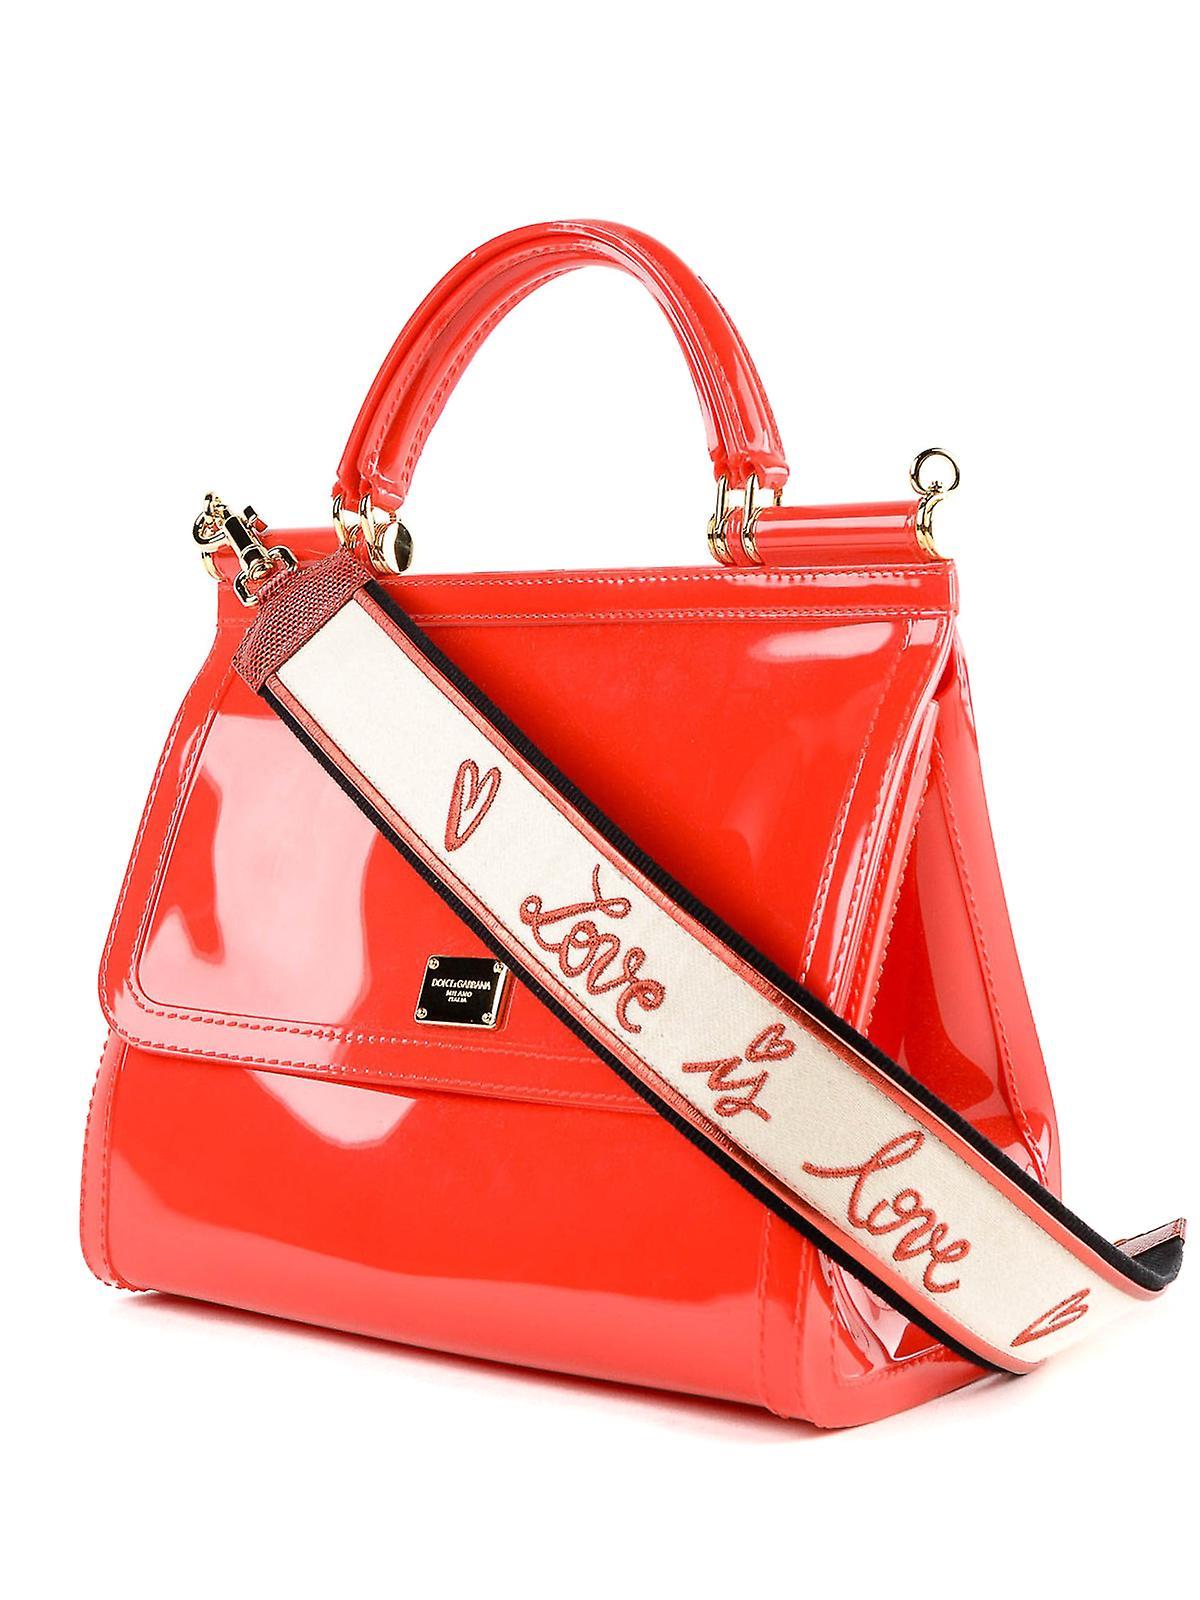 1a1f06015e8 Dolce E Gabbana Sicily Red Patent Leather Handbag | Fruugo